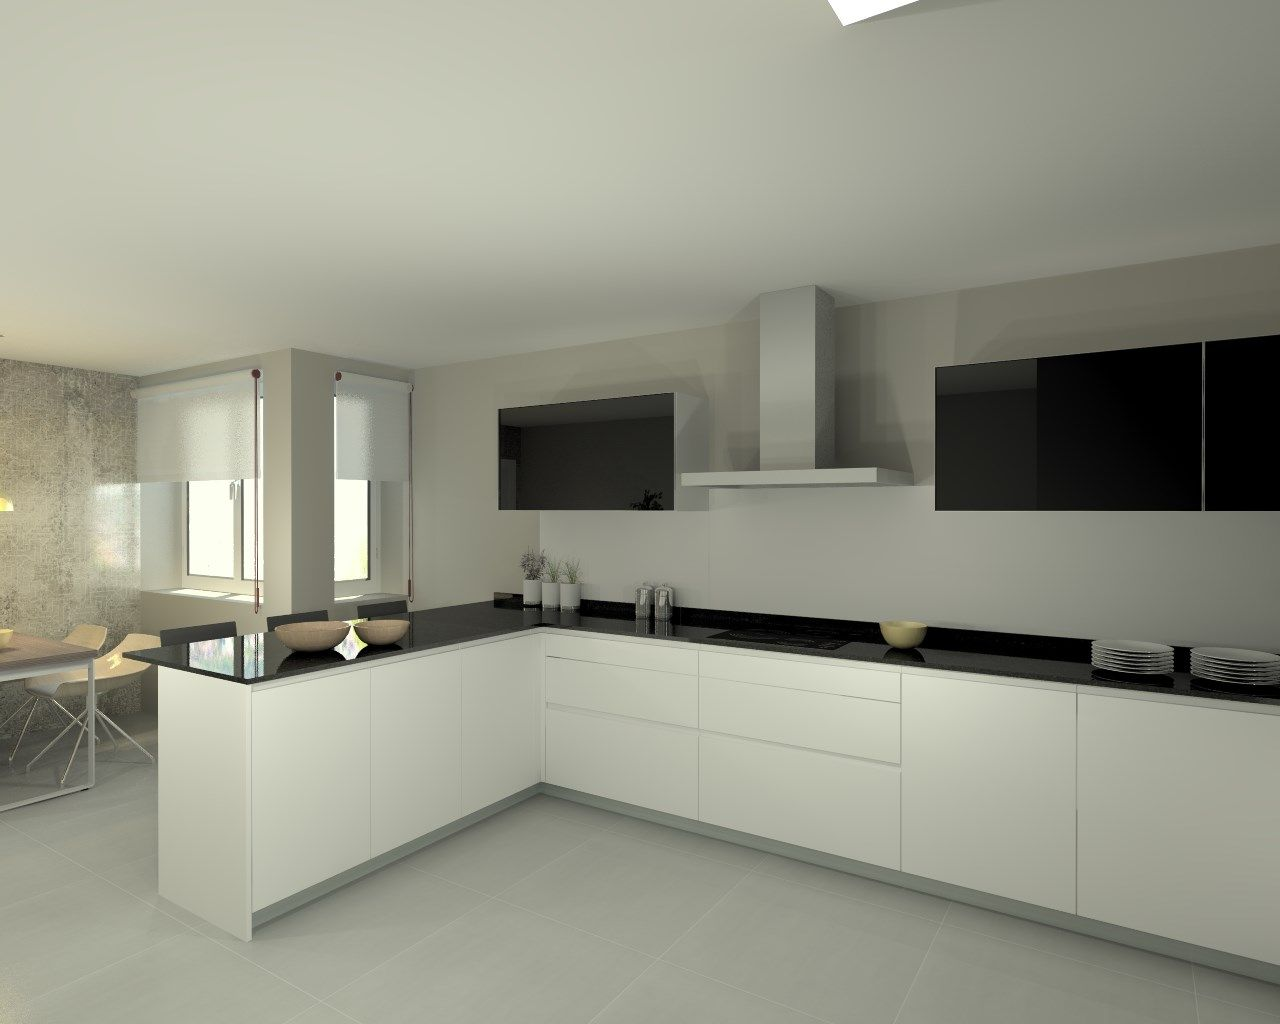 Modelo line e blanco encimera granito negro cocina for Cocinas de granito negro